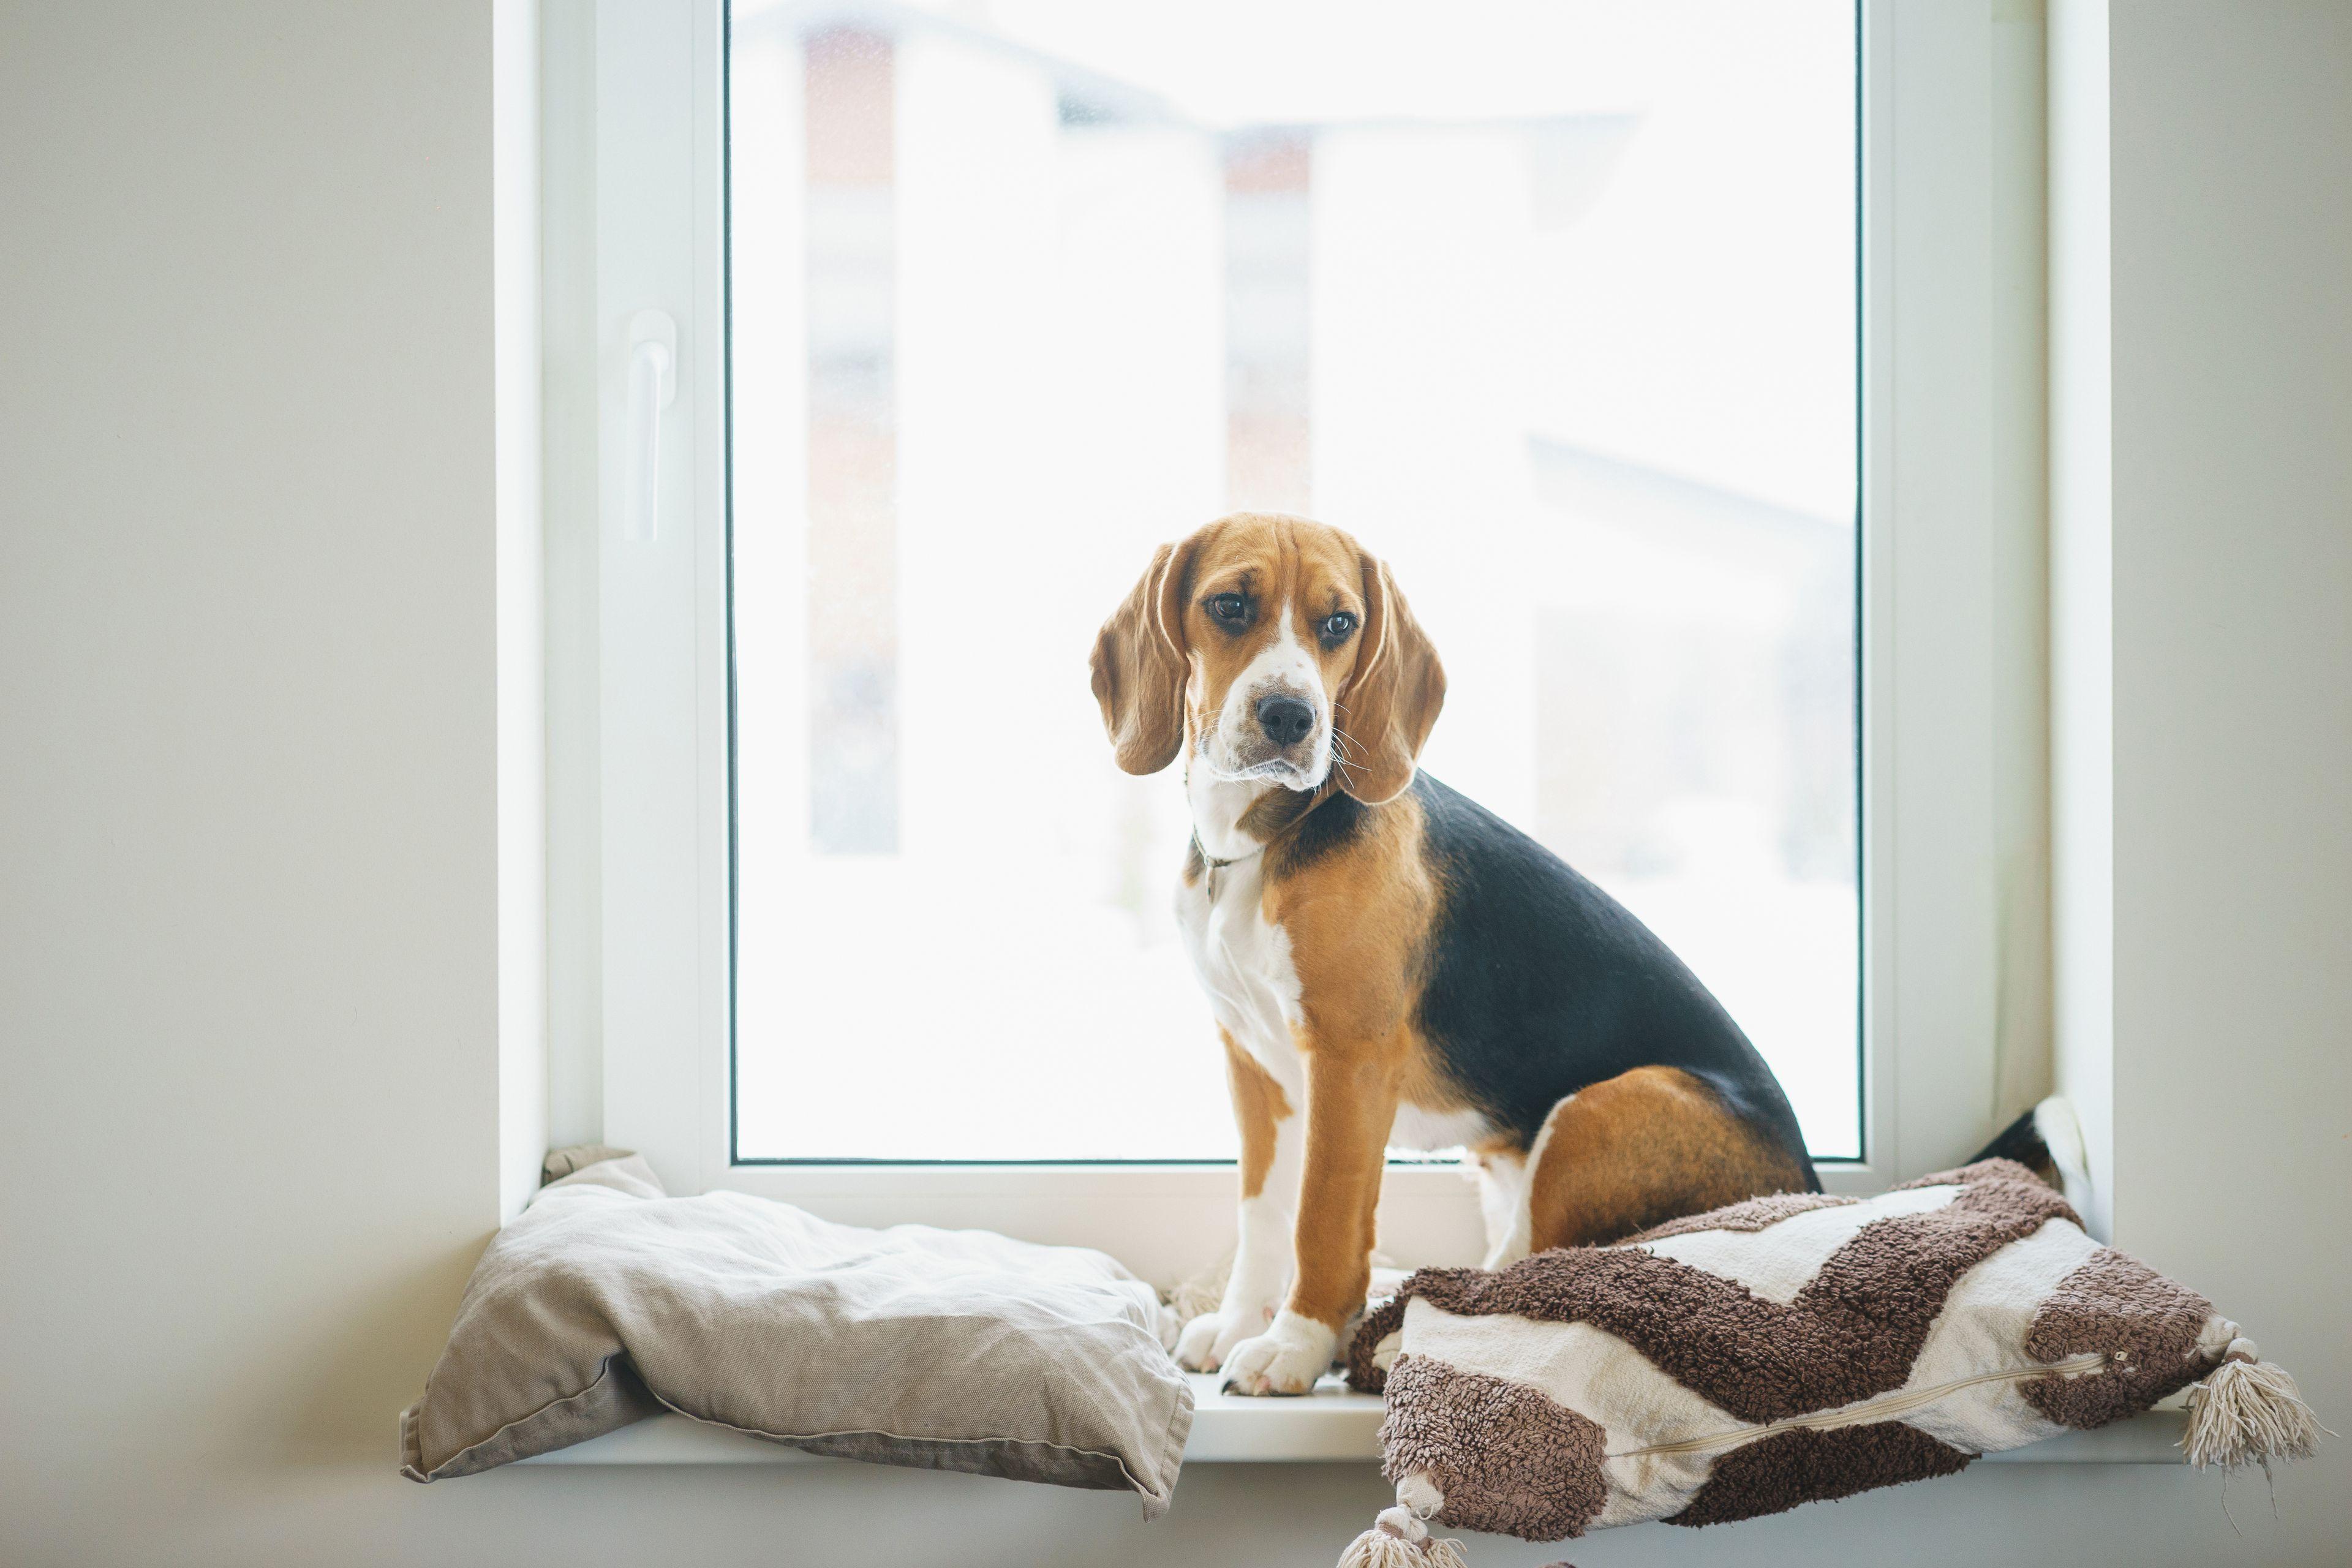 cane beagle alla finestra